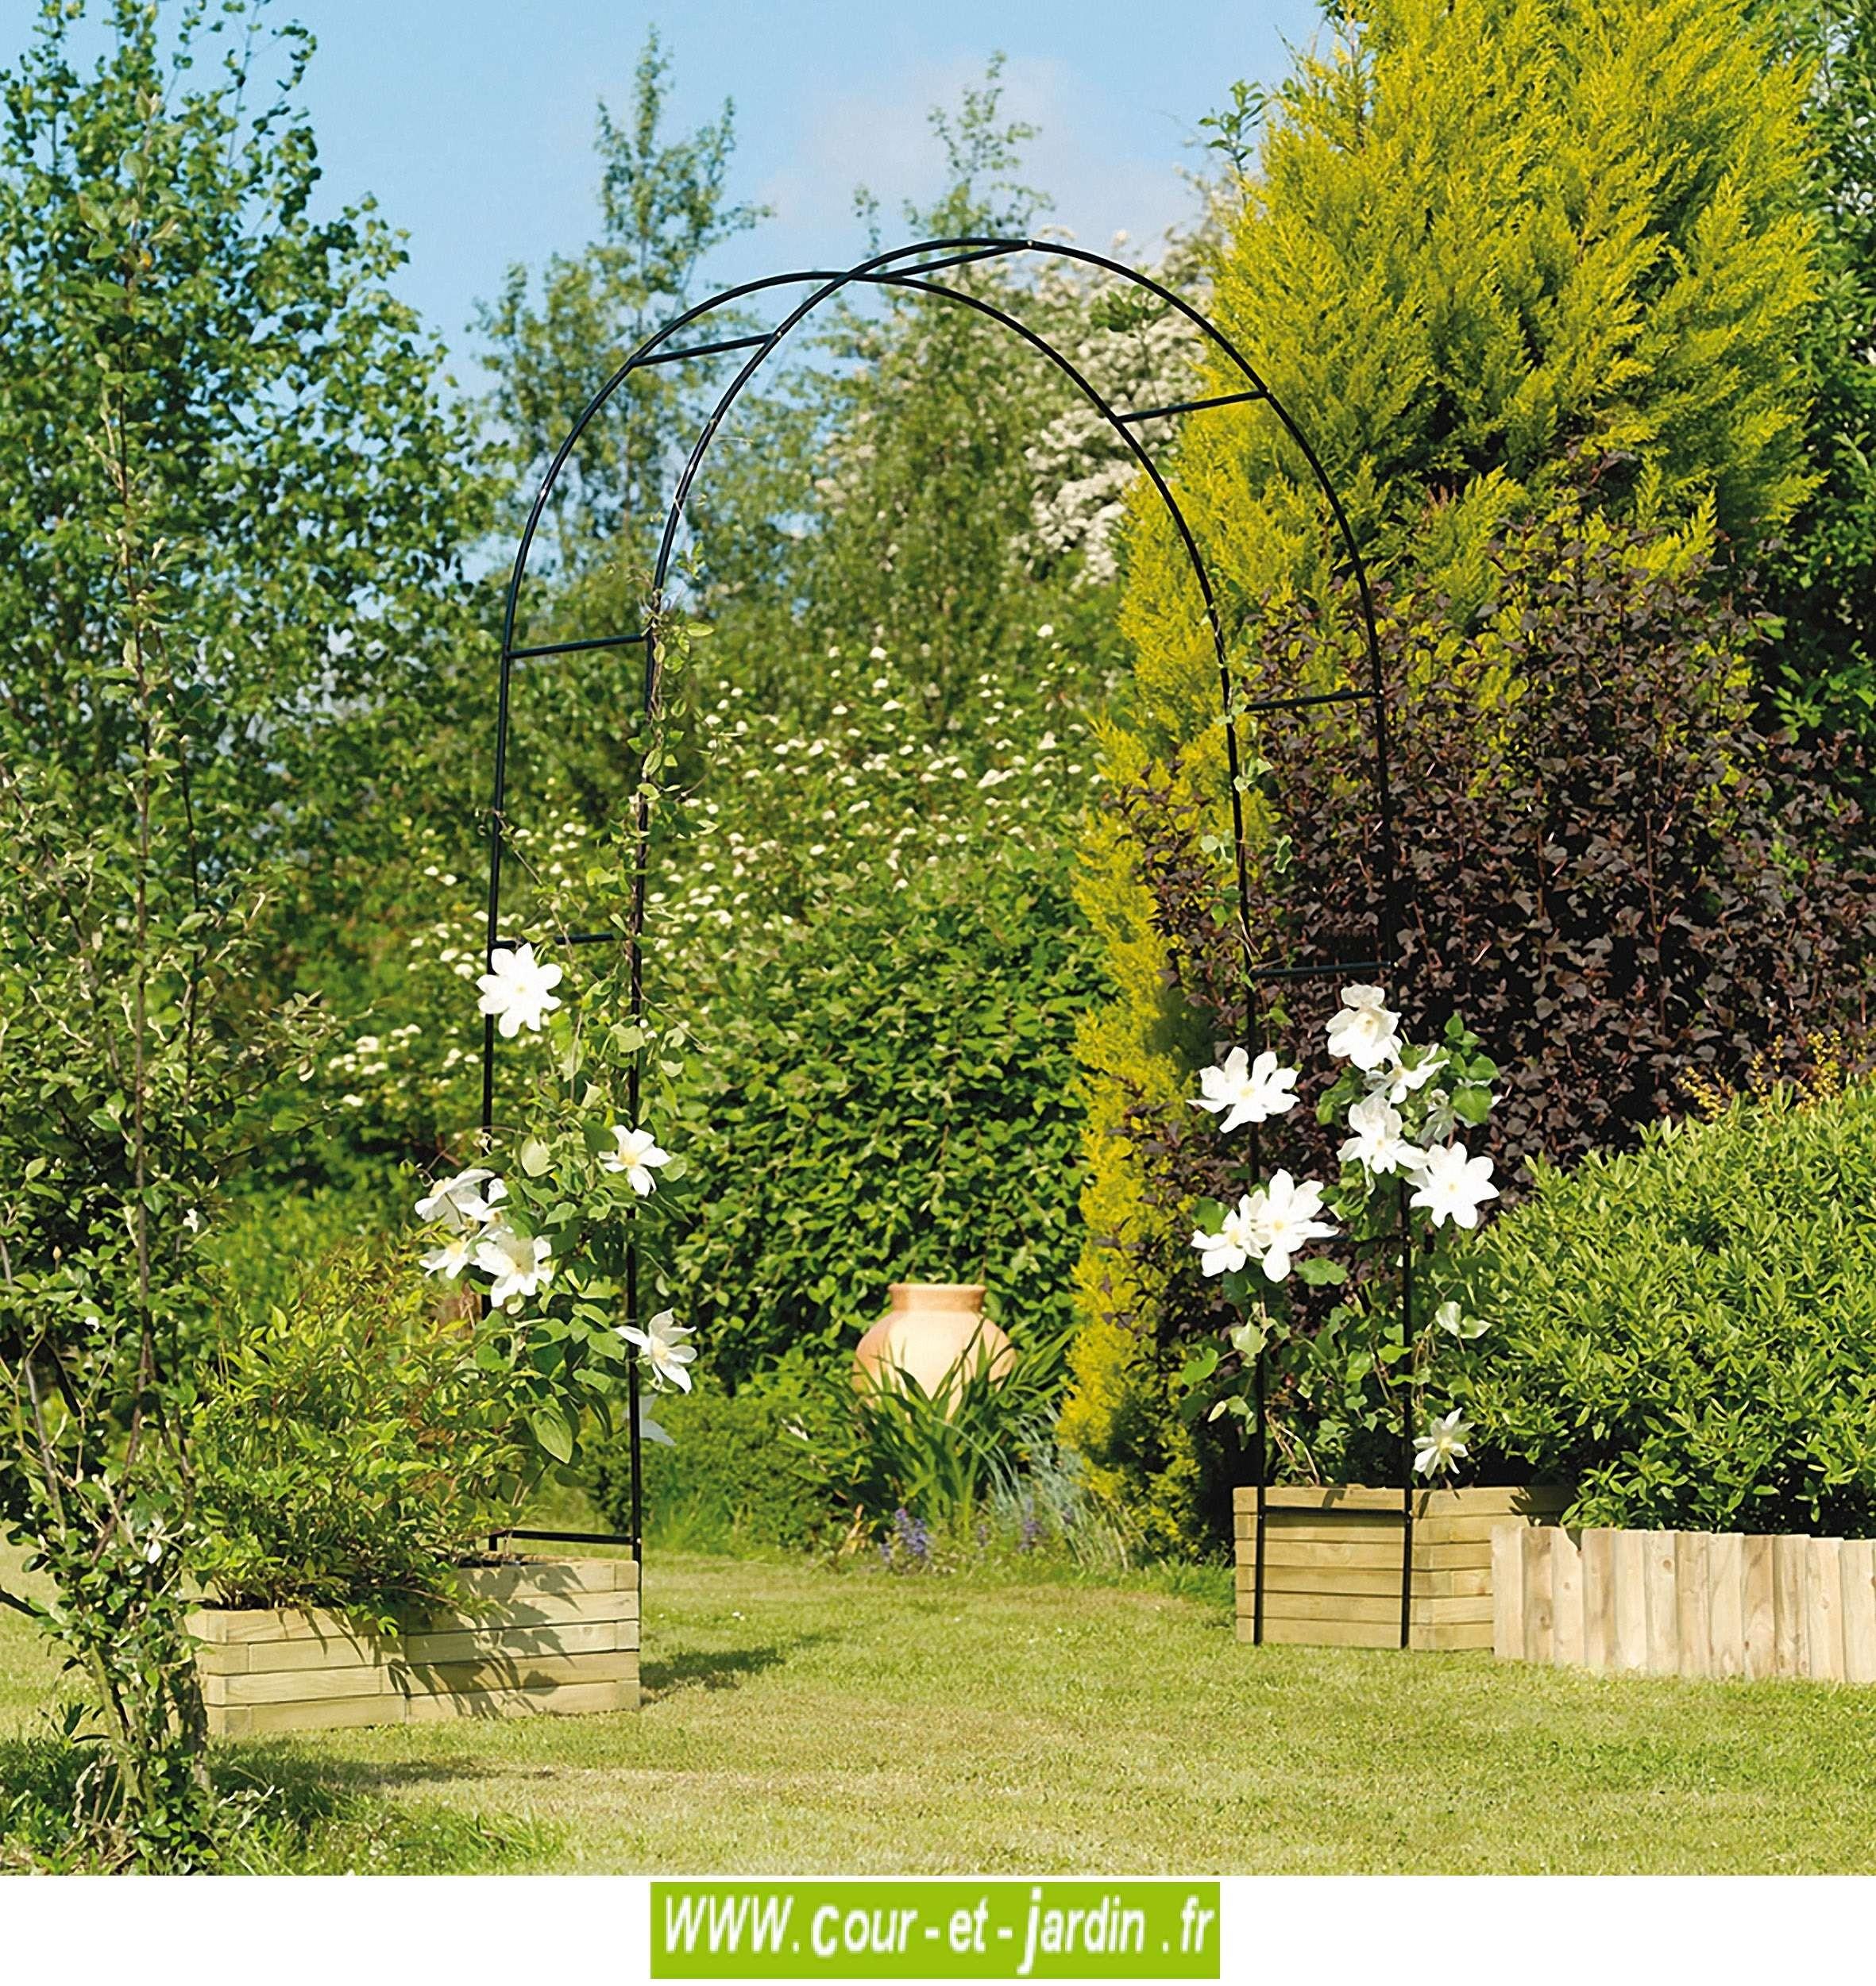 Arche De Jardin, En Métal Easy Arch - Pergola De Jardin ... serapportantà Arche En Fer Forgé Pour Jardin